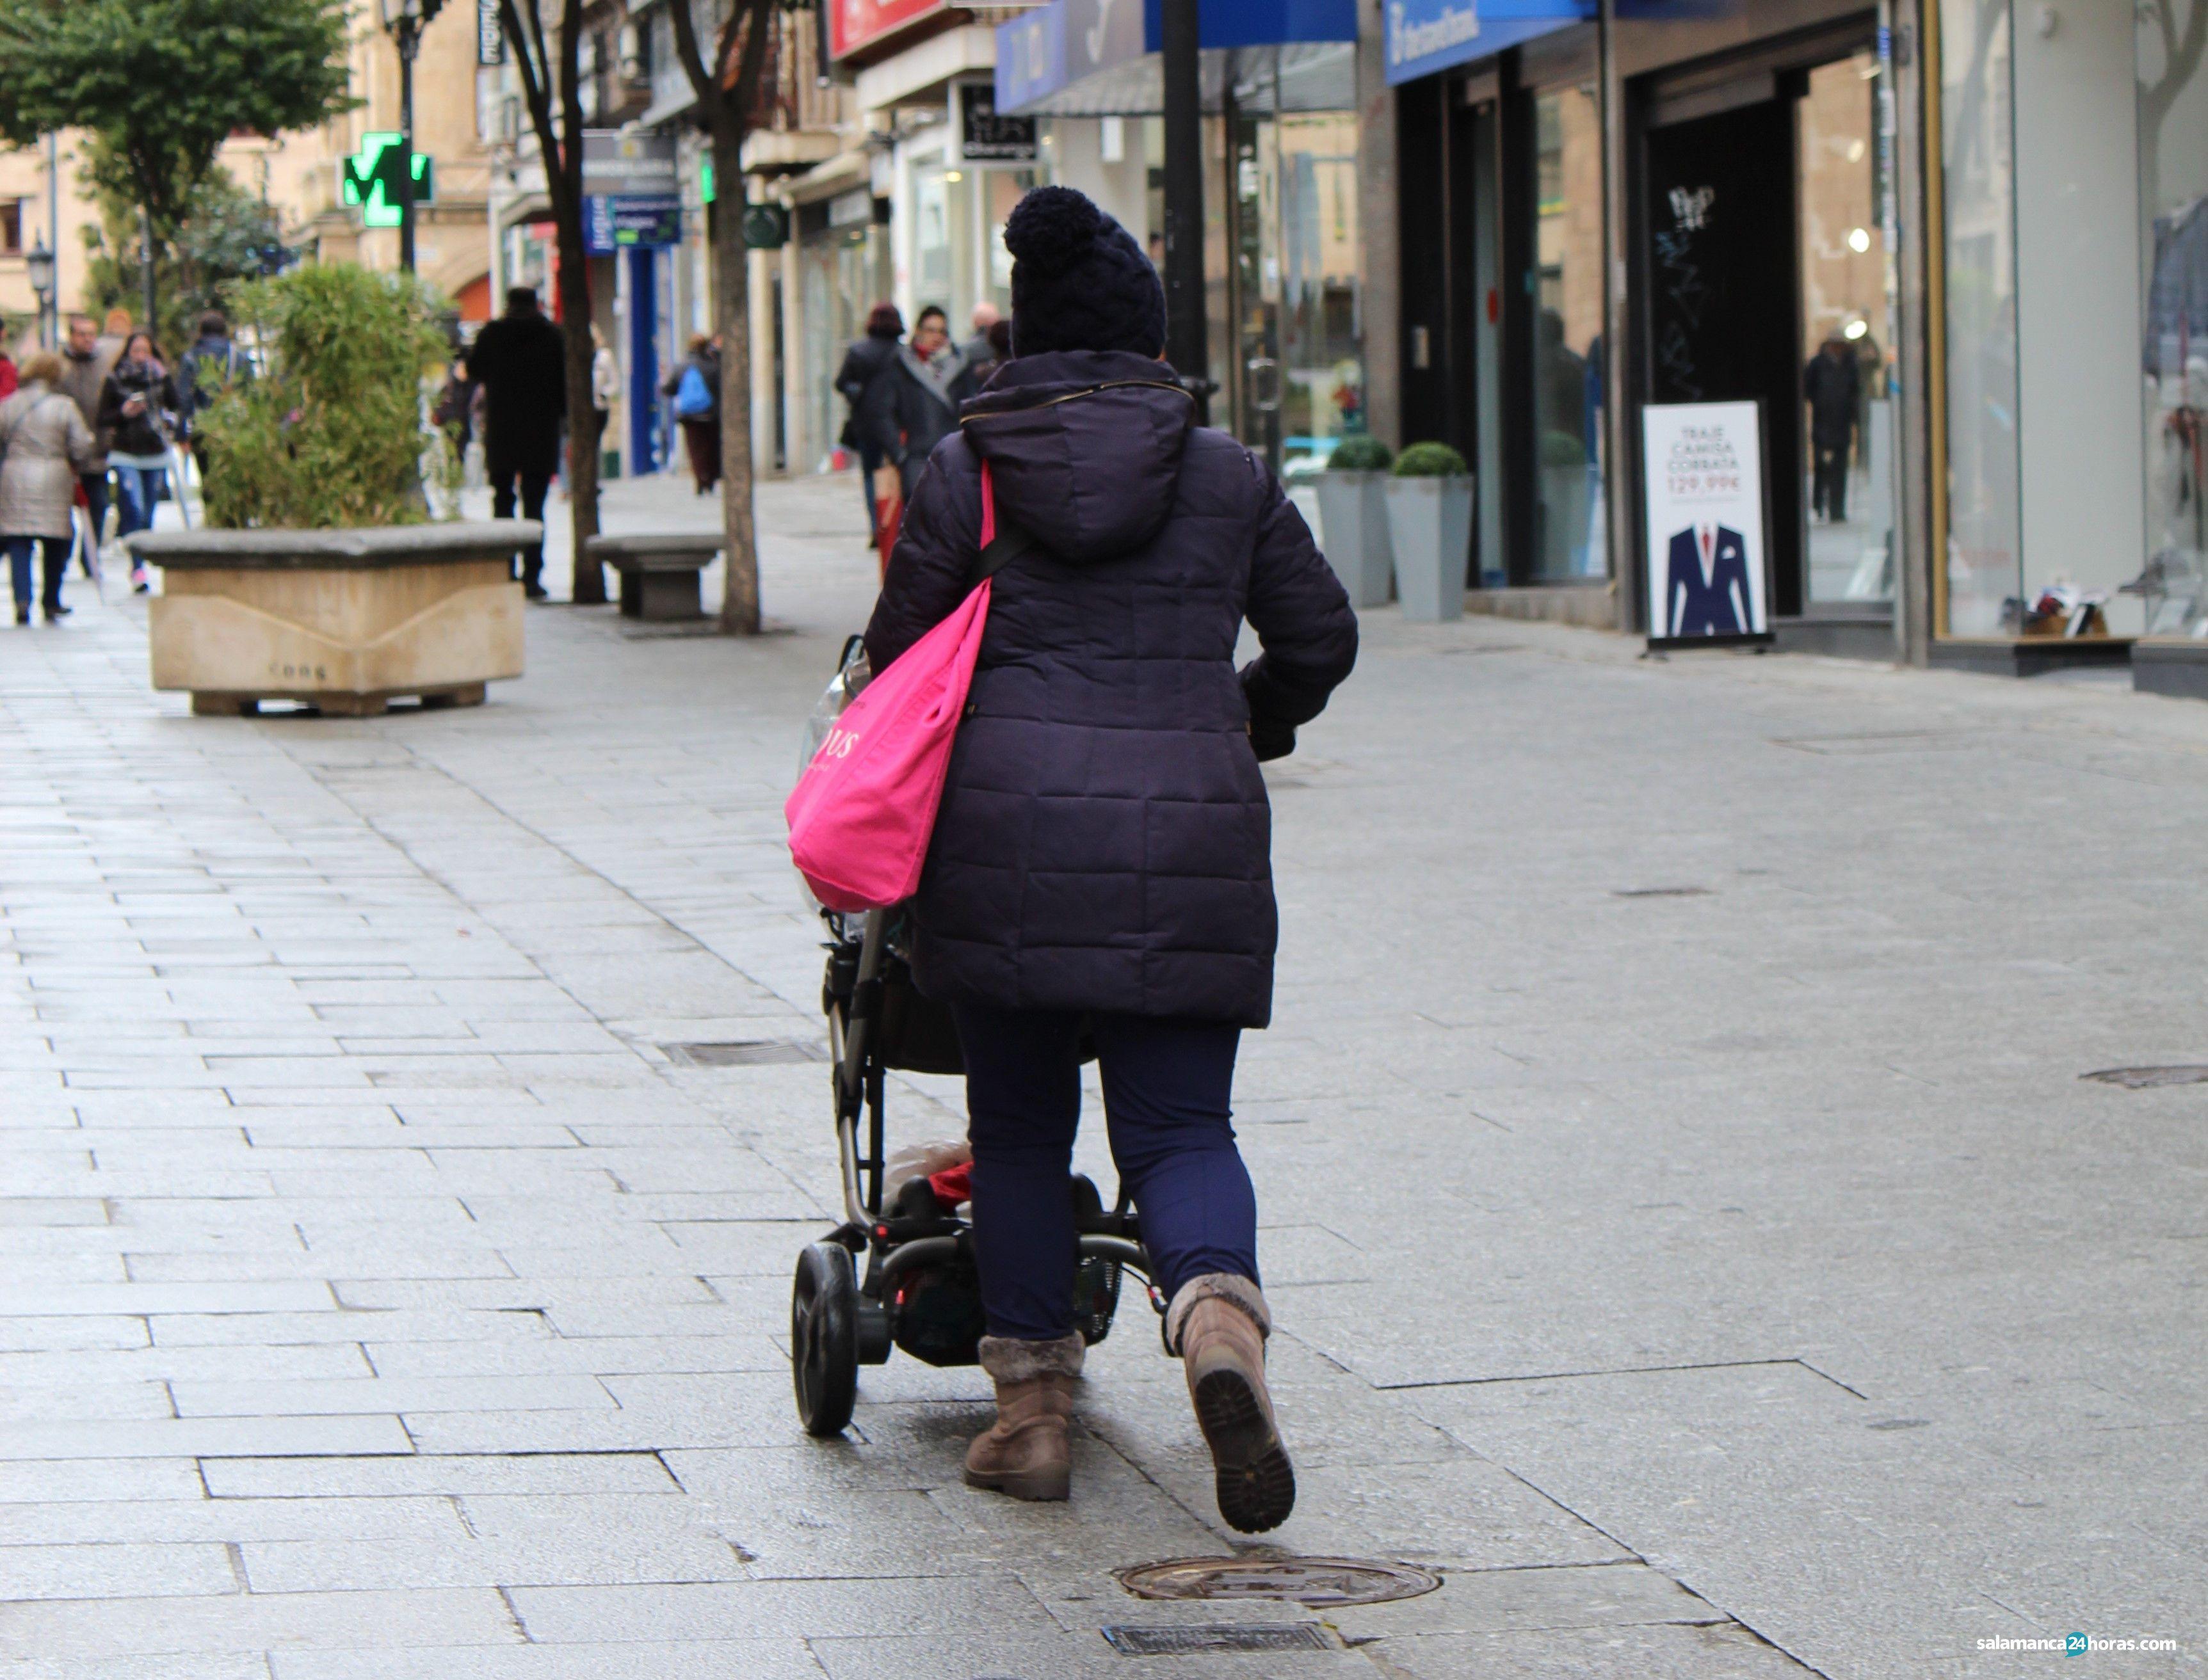 Salamanca una ciudad donde todas las mujeres pueden for Salamanca 24 horas